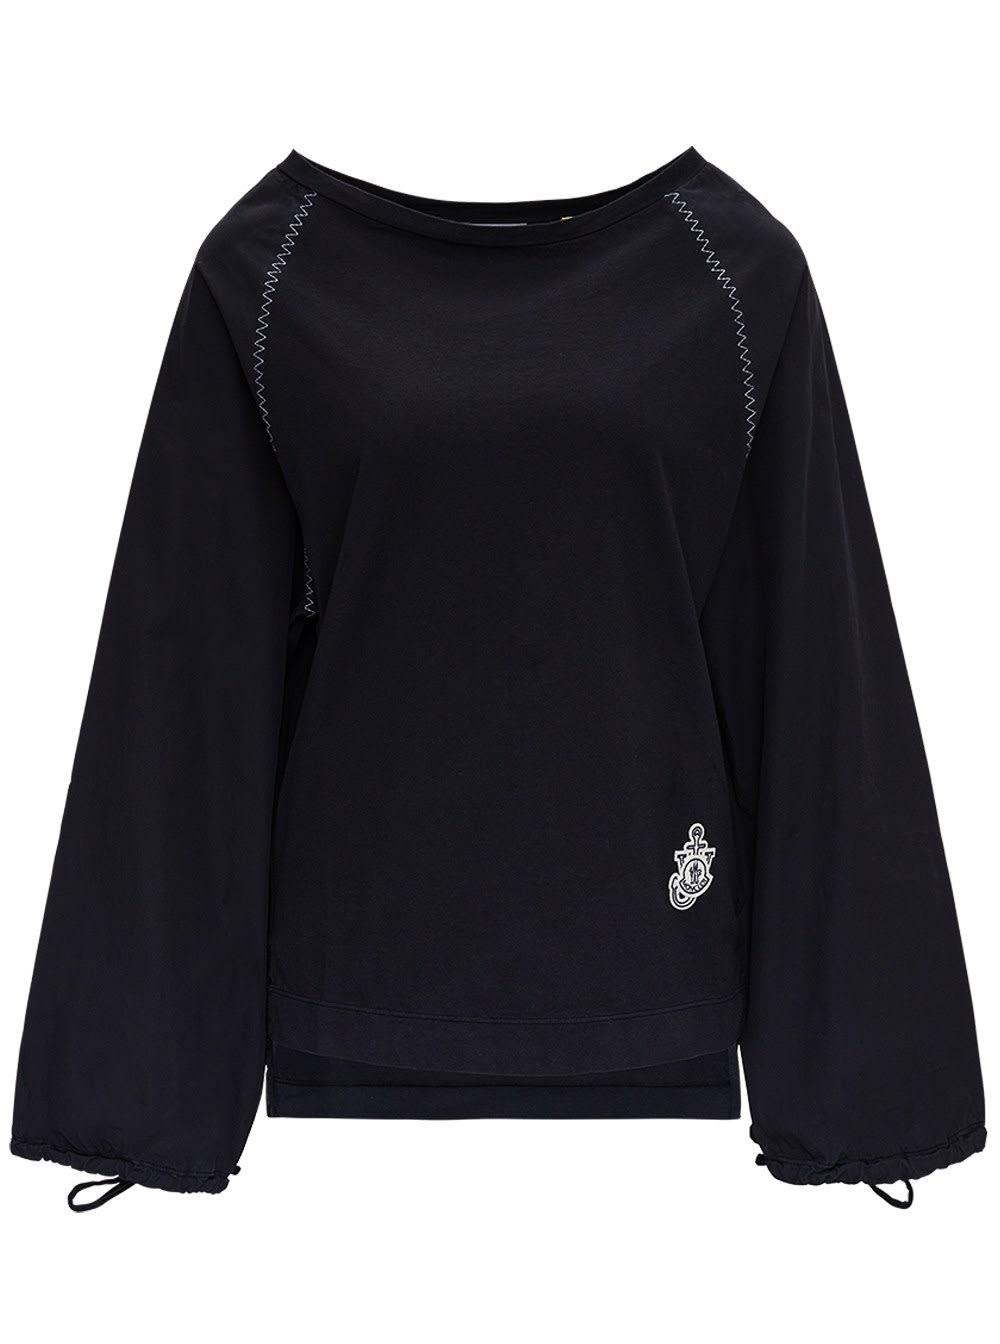 Moncler Genius T-shirts BLACK COTTON BLOUSE BY JW ANDERSON